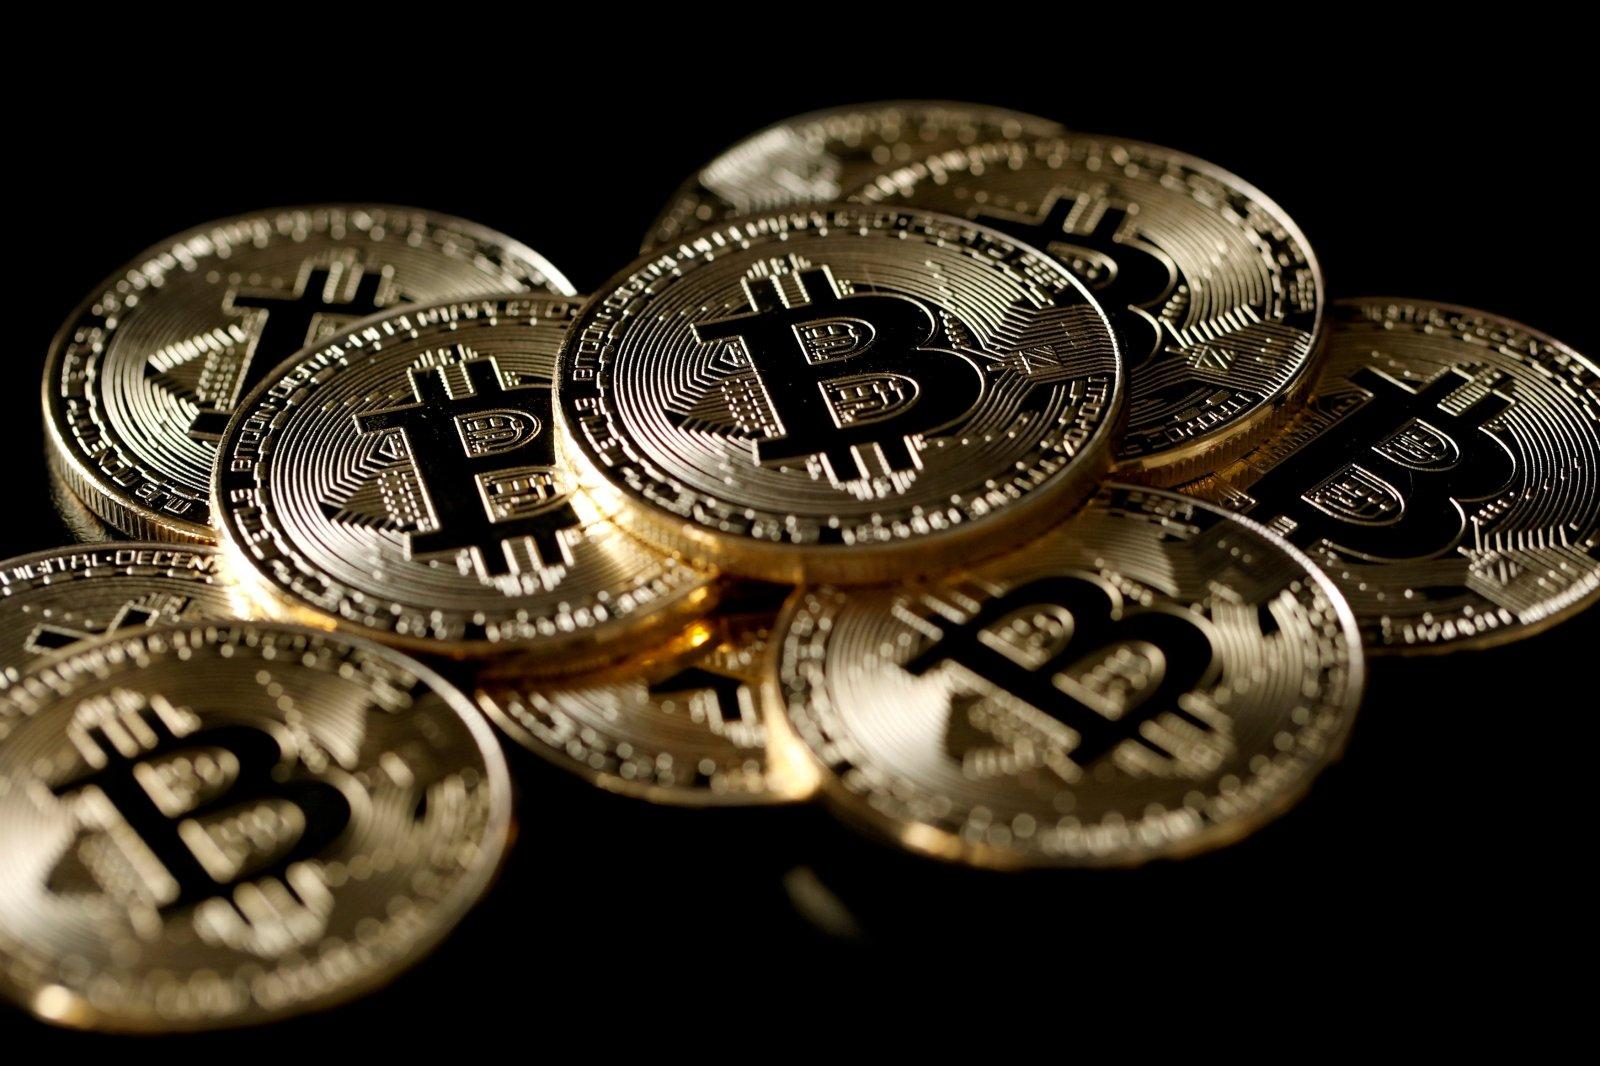 Kas yra Bitkoinas ir juo prekiauti m. | lgpf.lt, Kiek pinigų galima uždirbti bitkoinuose